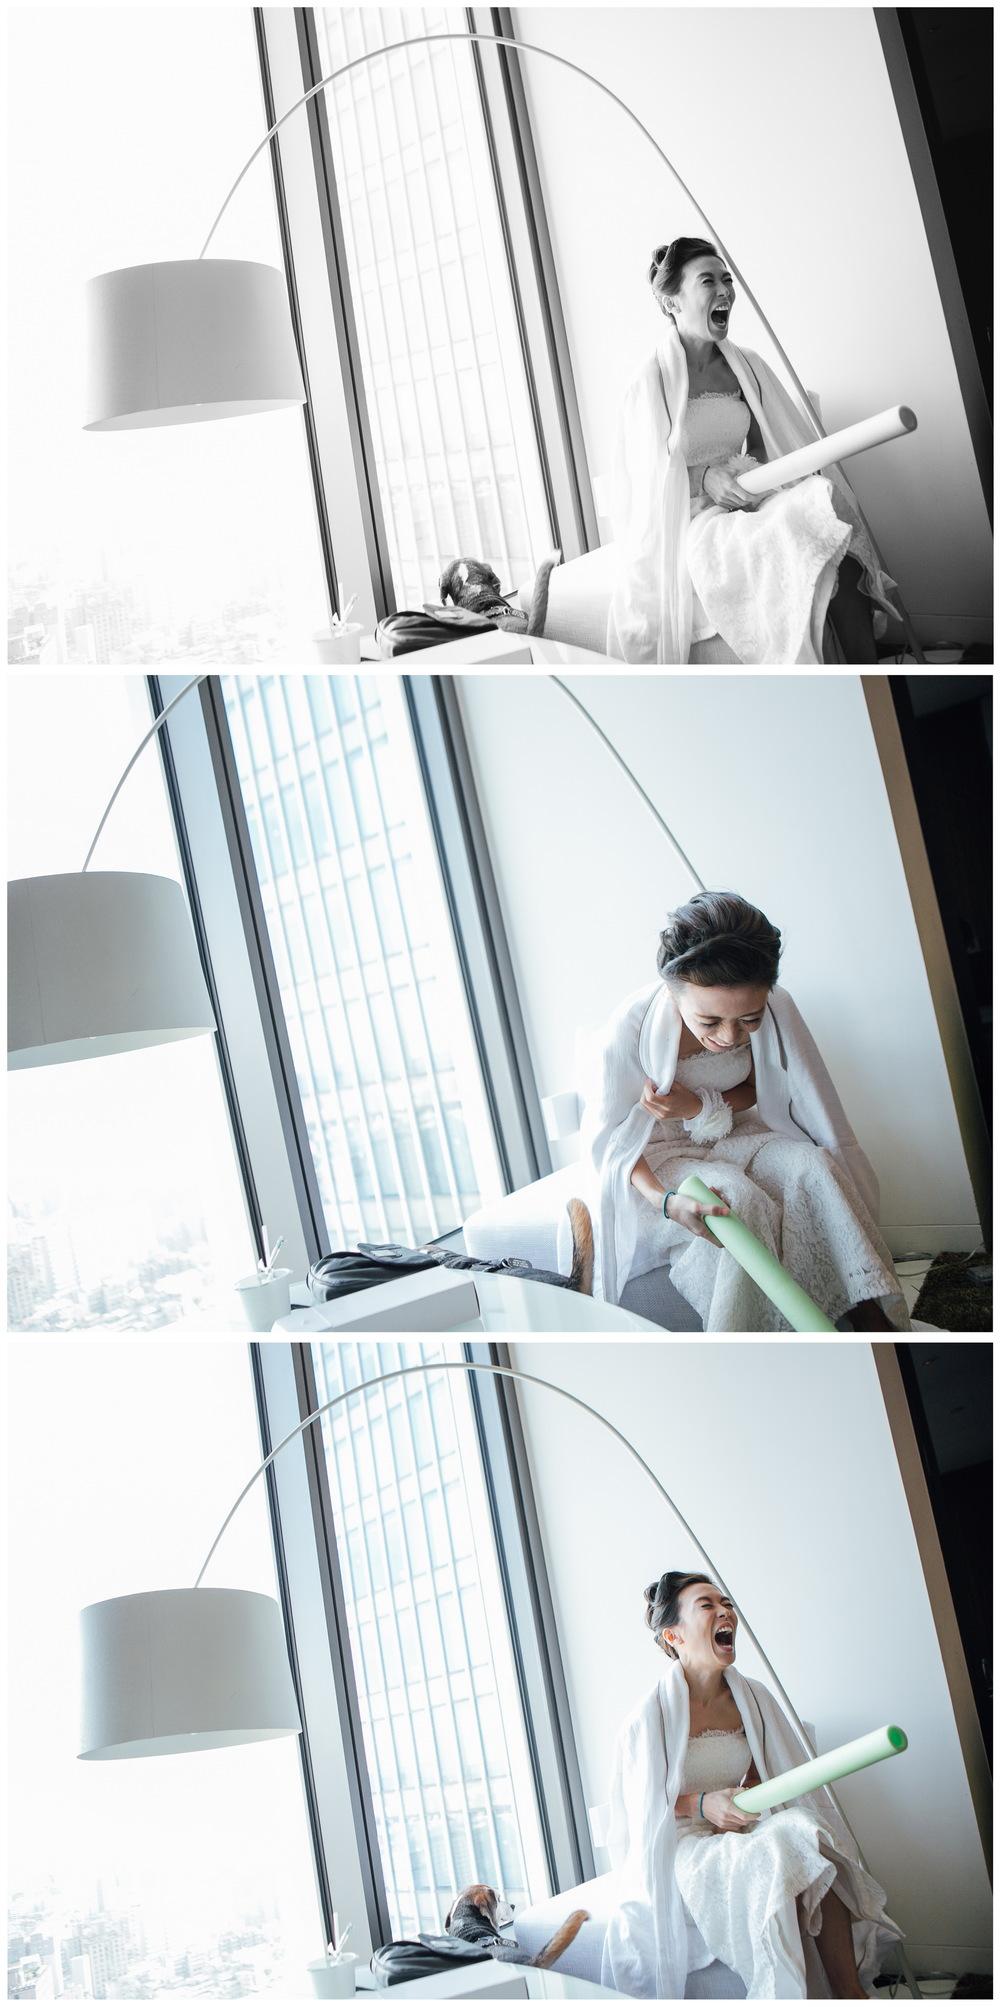 Lee+wei-031.jpg